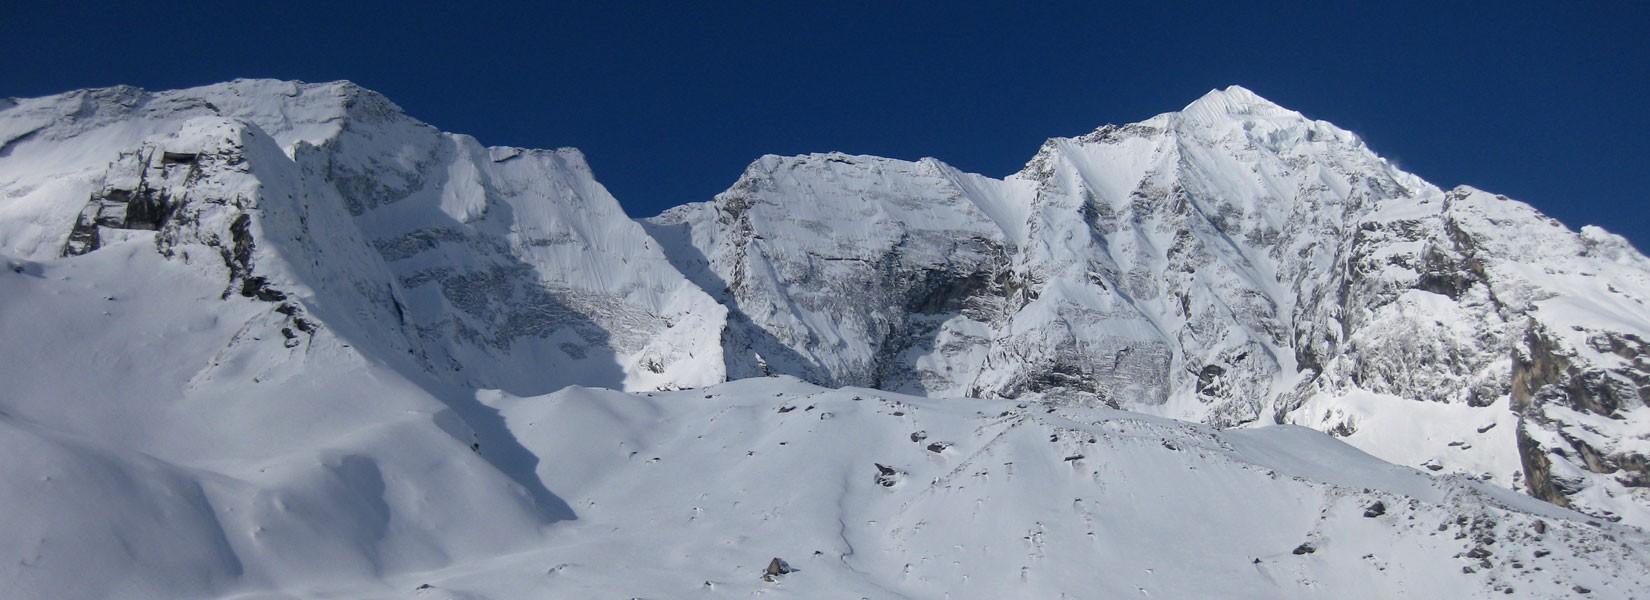 Annapurna Base Camp Trek 13 Days